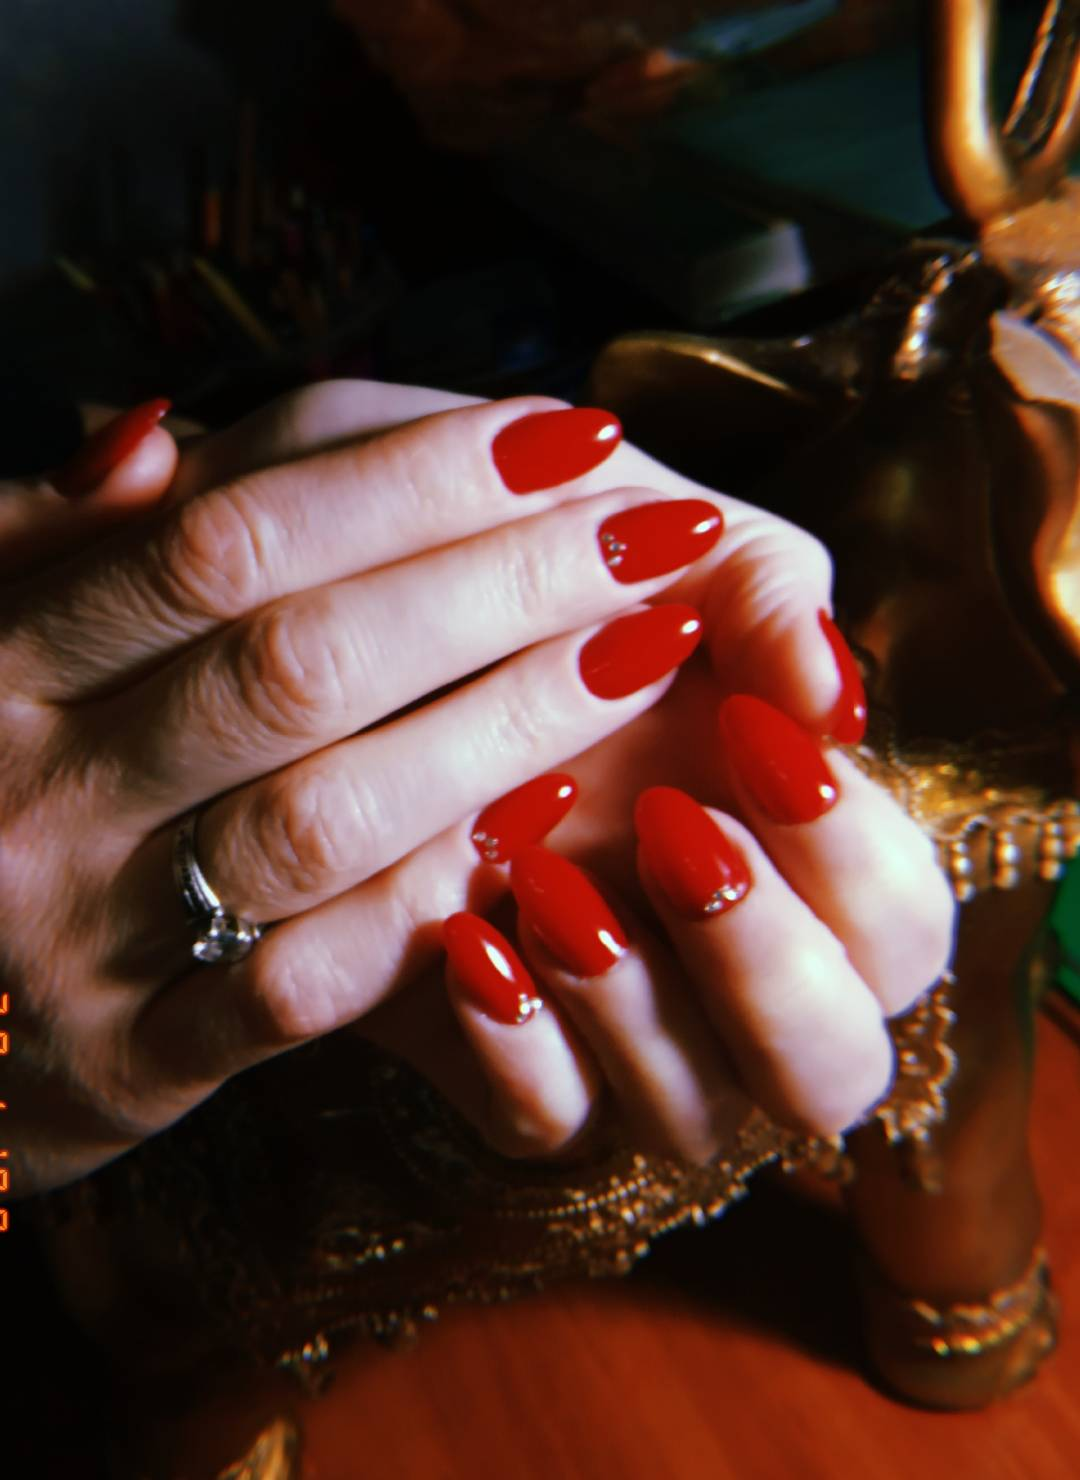 Однотонный маникюр в красном цвете со стразами.